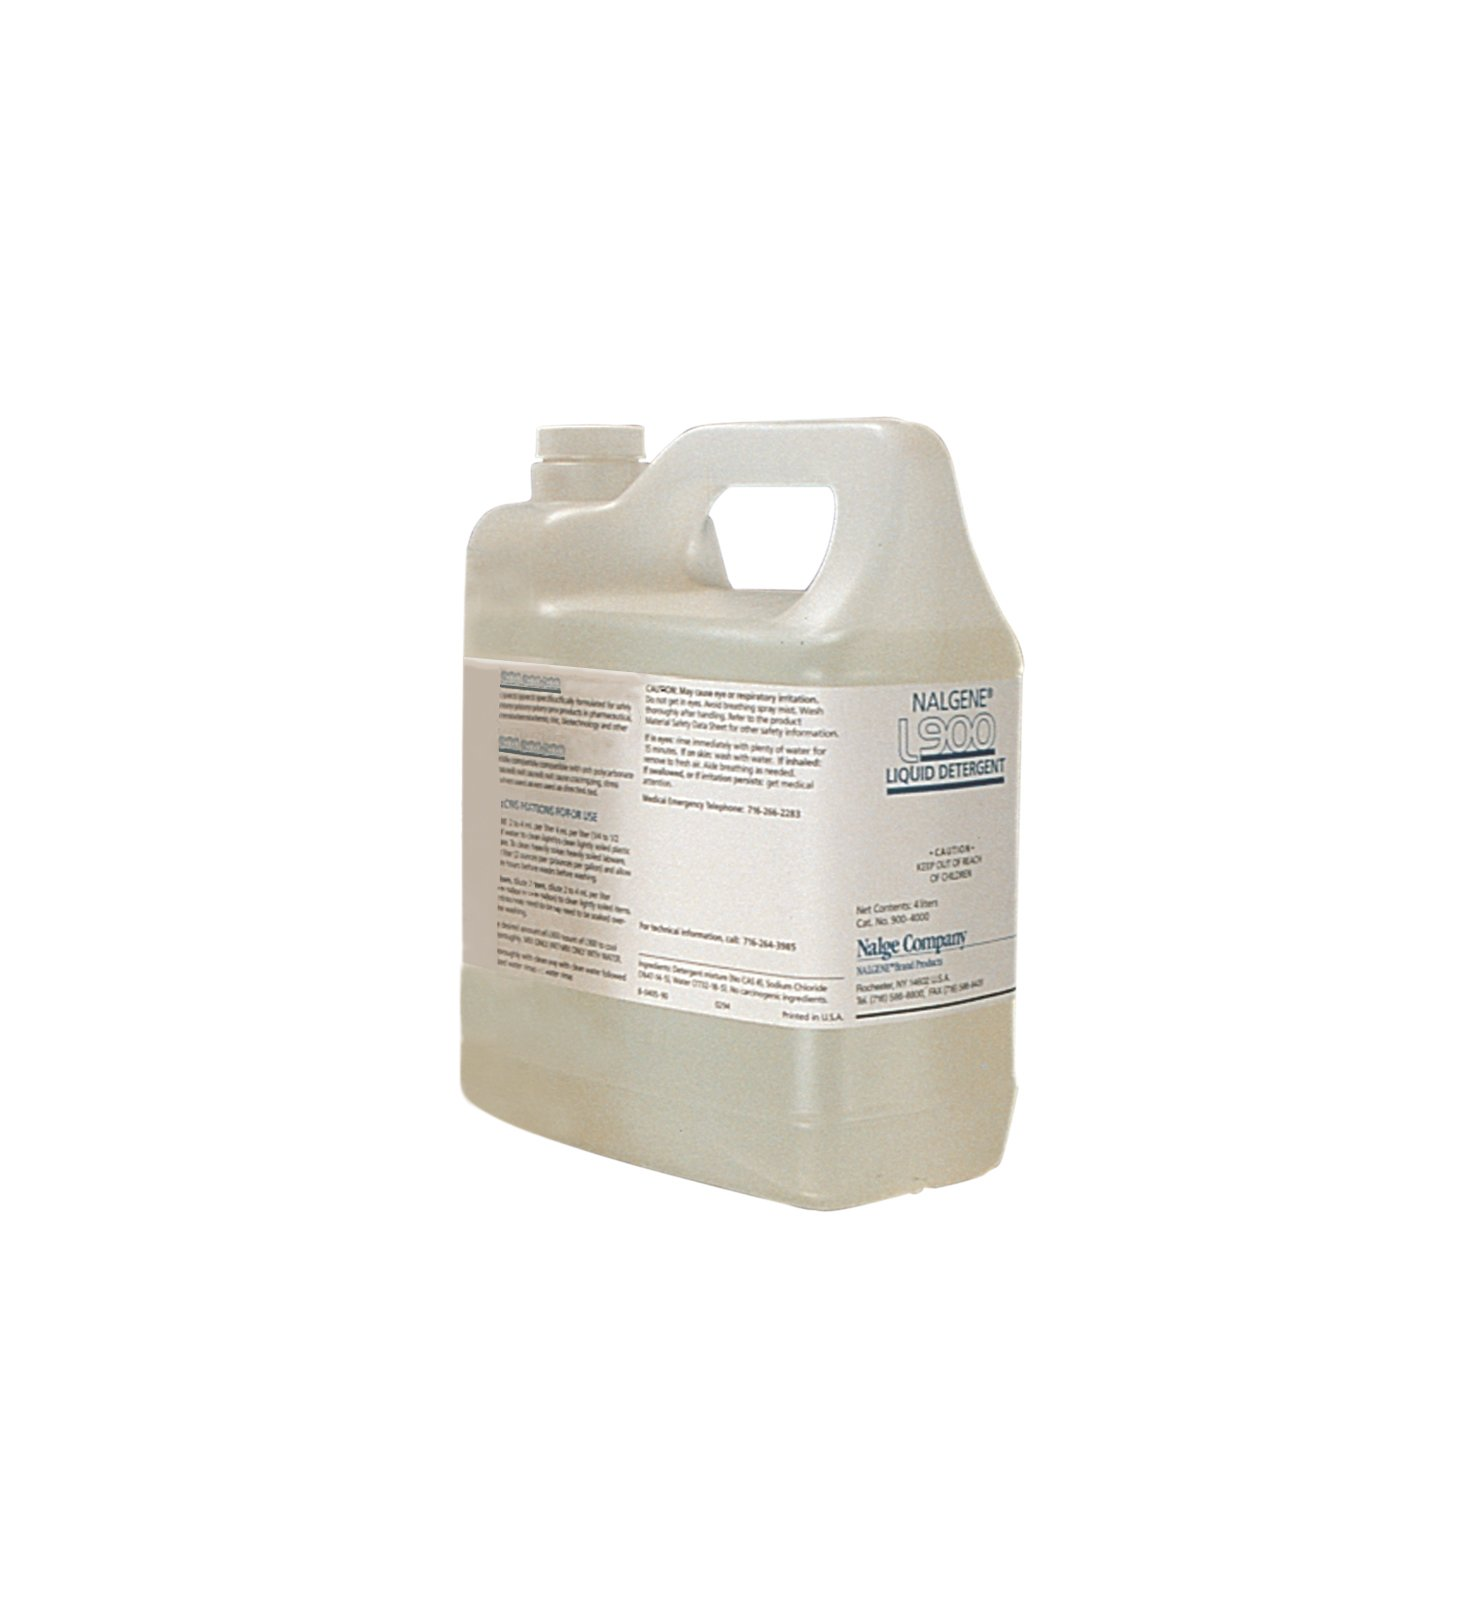 Nalgene L900 Liquid Detergent, 4L Capacity (Case of 4)